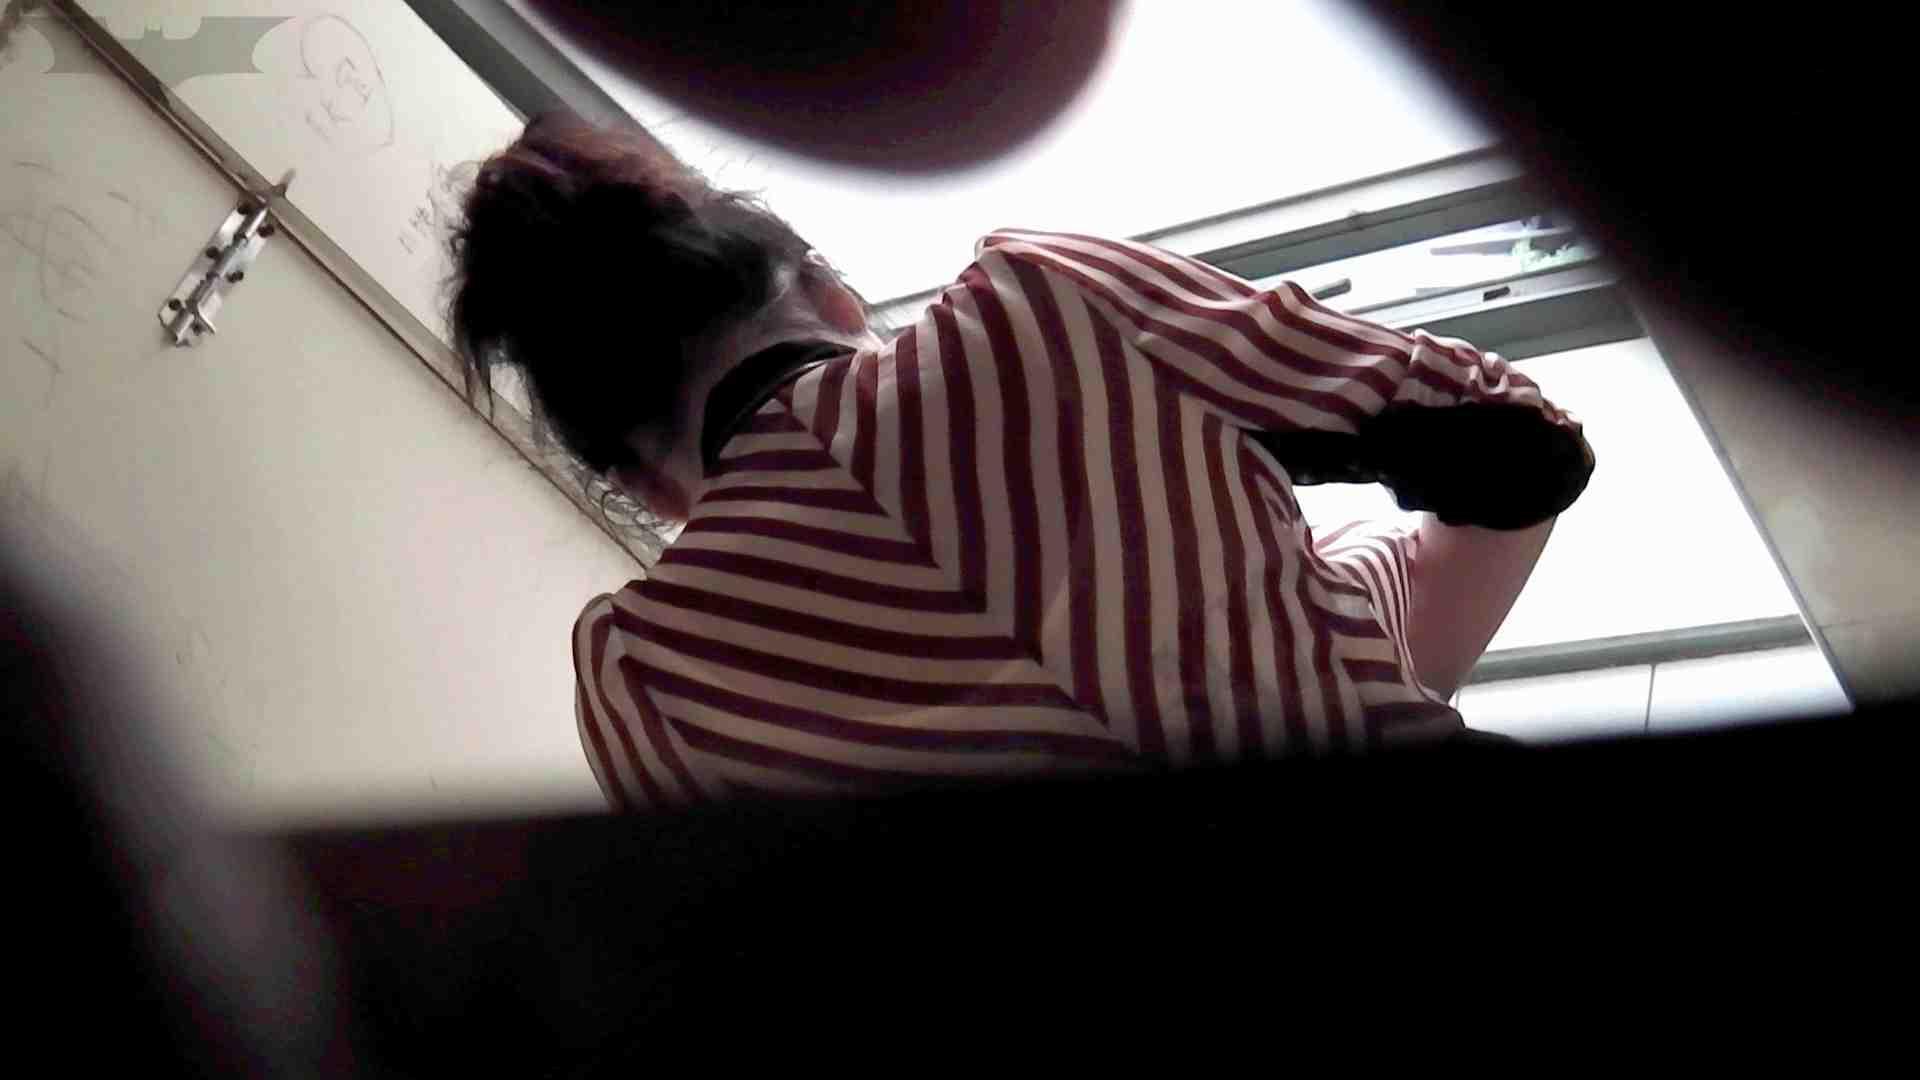 ステーション編 vol.28 無料動画に登場したモデルつい本番登場!! ギャル達 ワレメ動画紹介 99枚 98